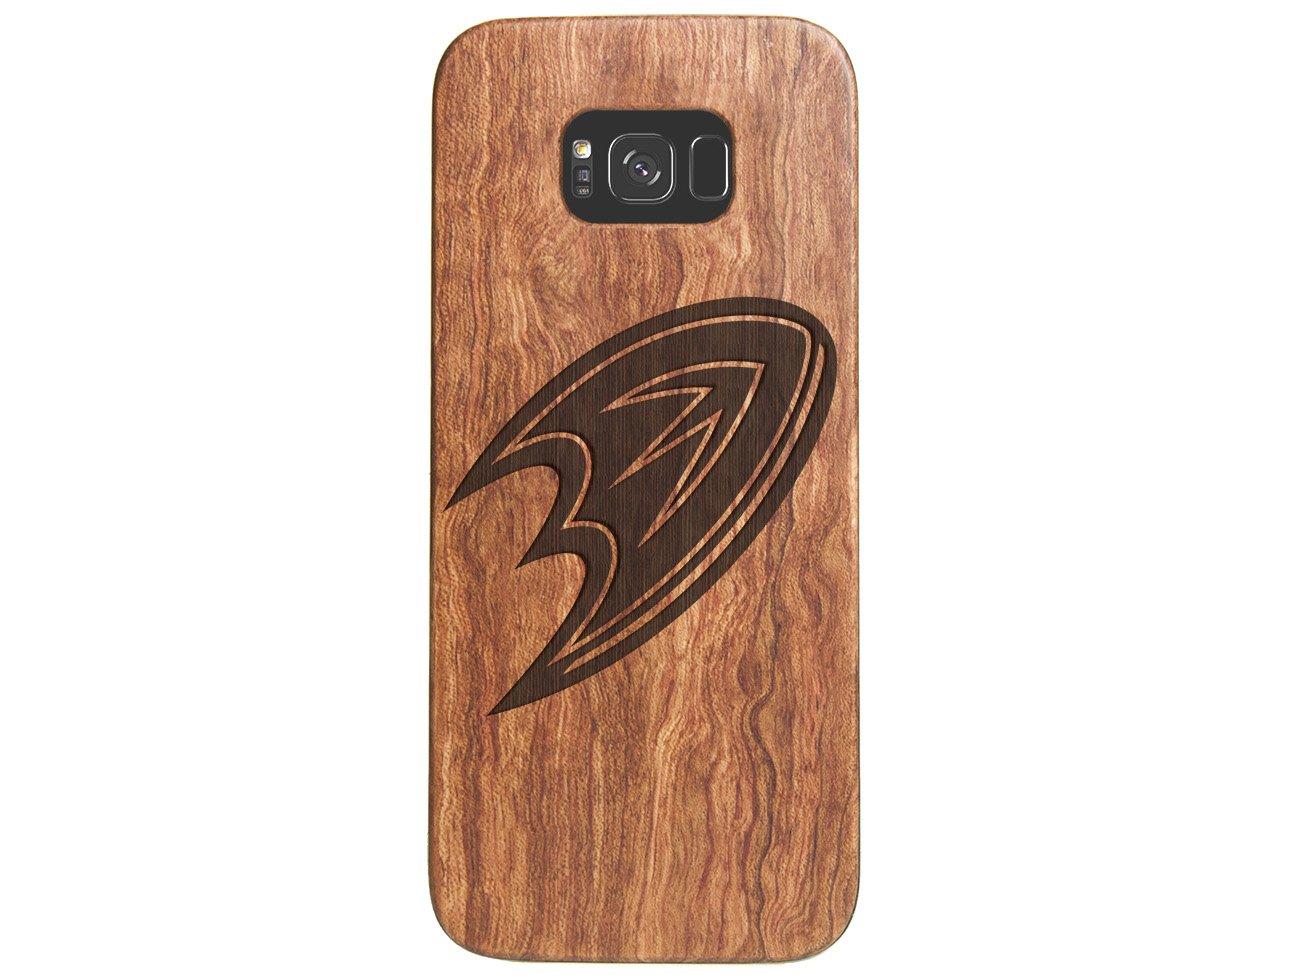 Anaheim Ducks Galaxy S8 Plus Case